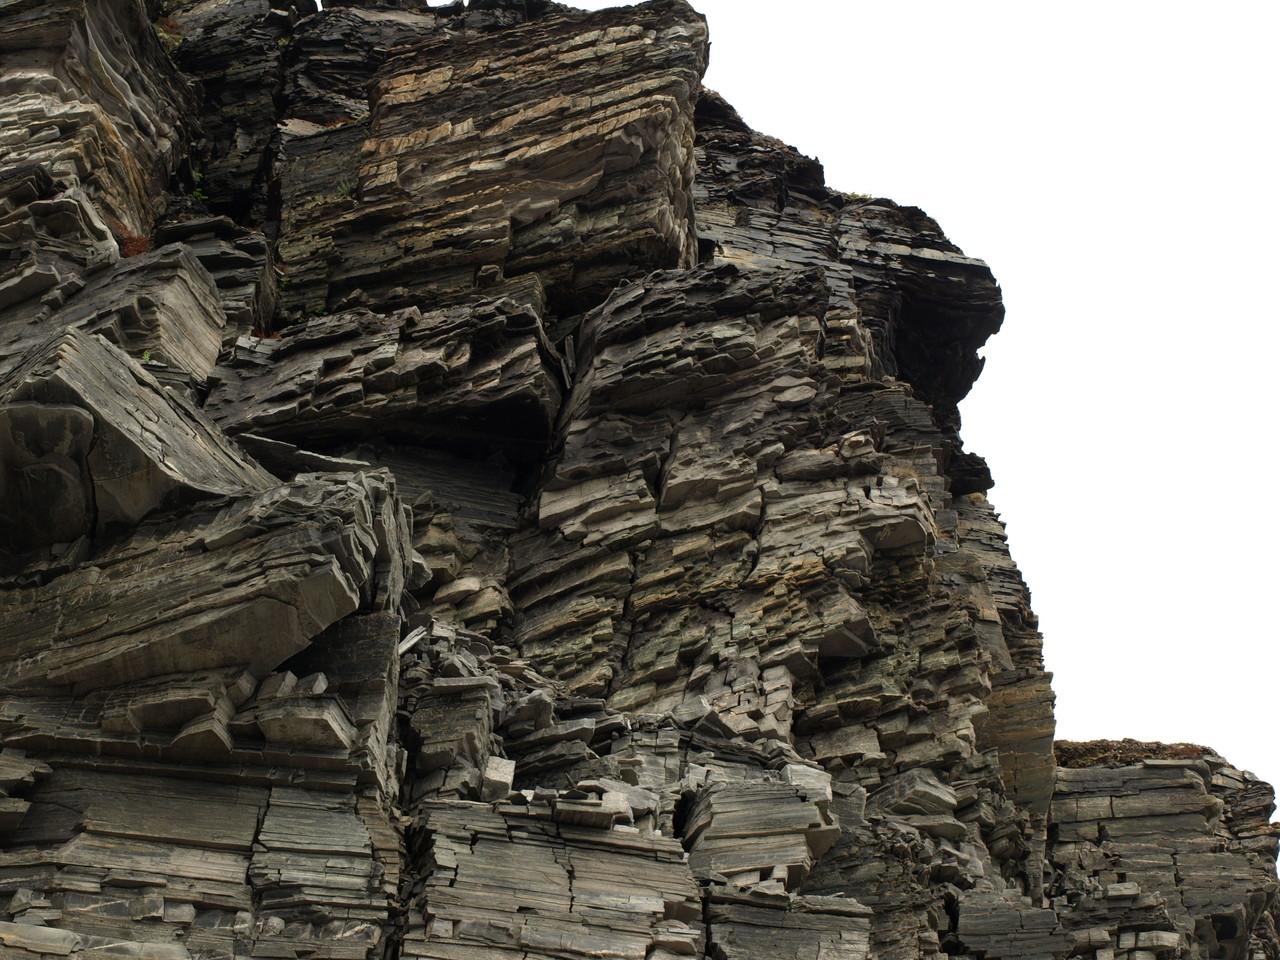 typische Steinsformation im Norden